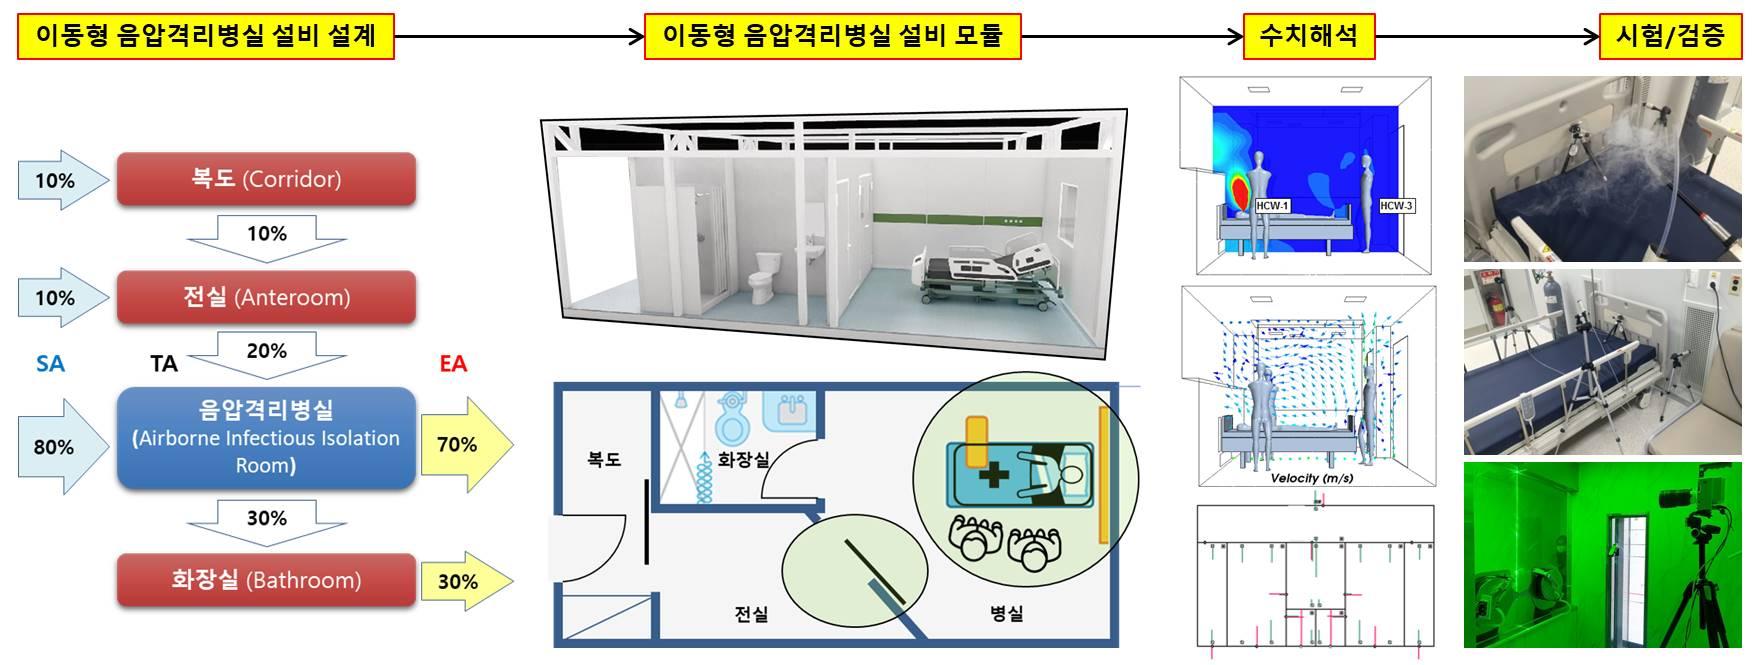 음압격리병실 설비시스템 최적화 설계 및 검증 체계도